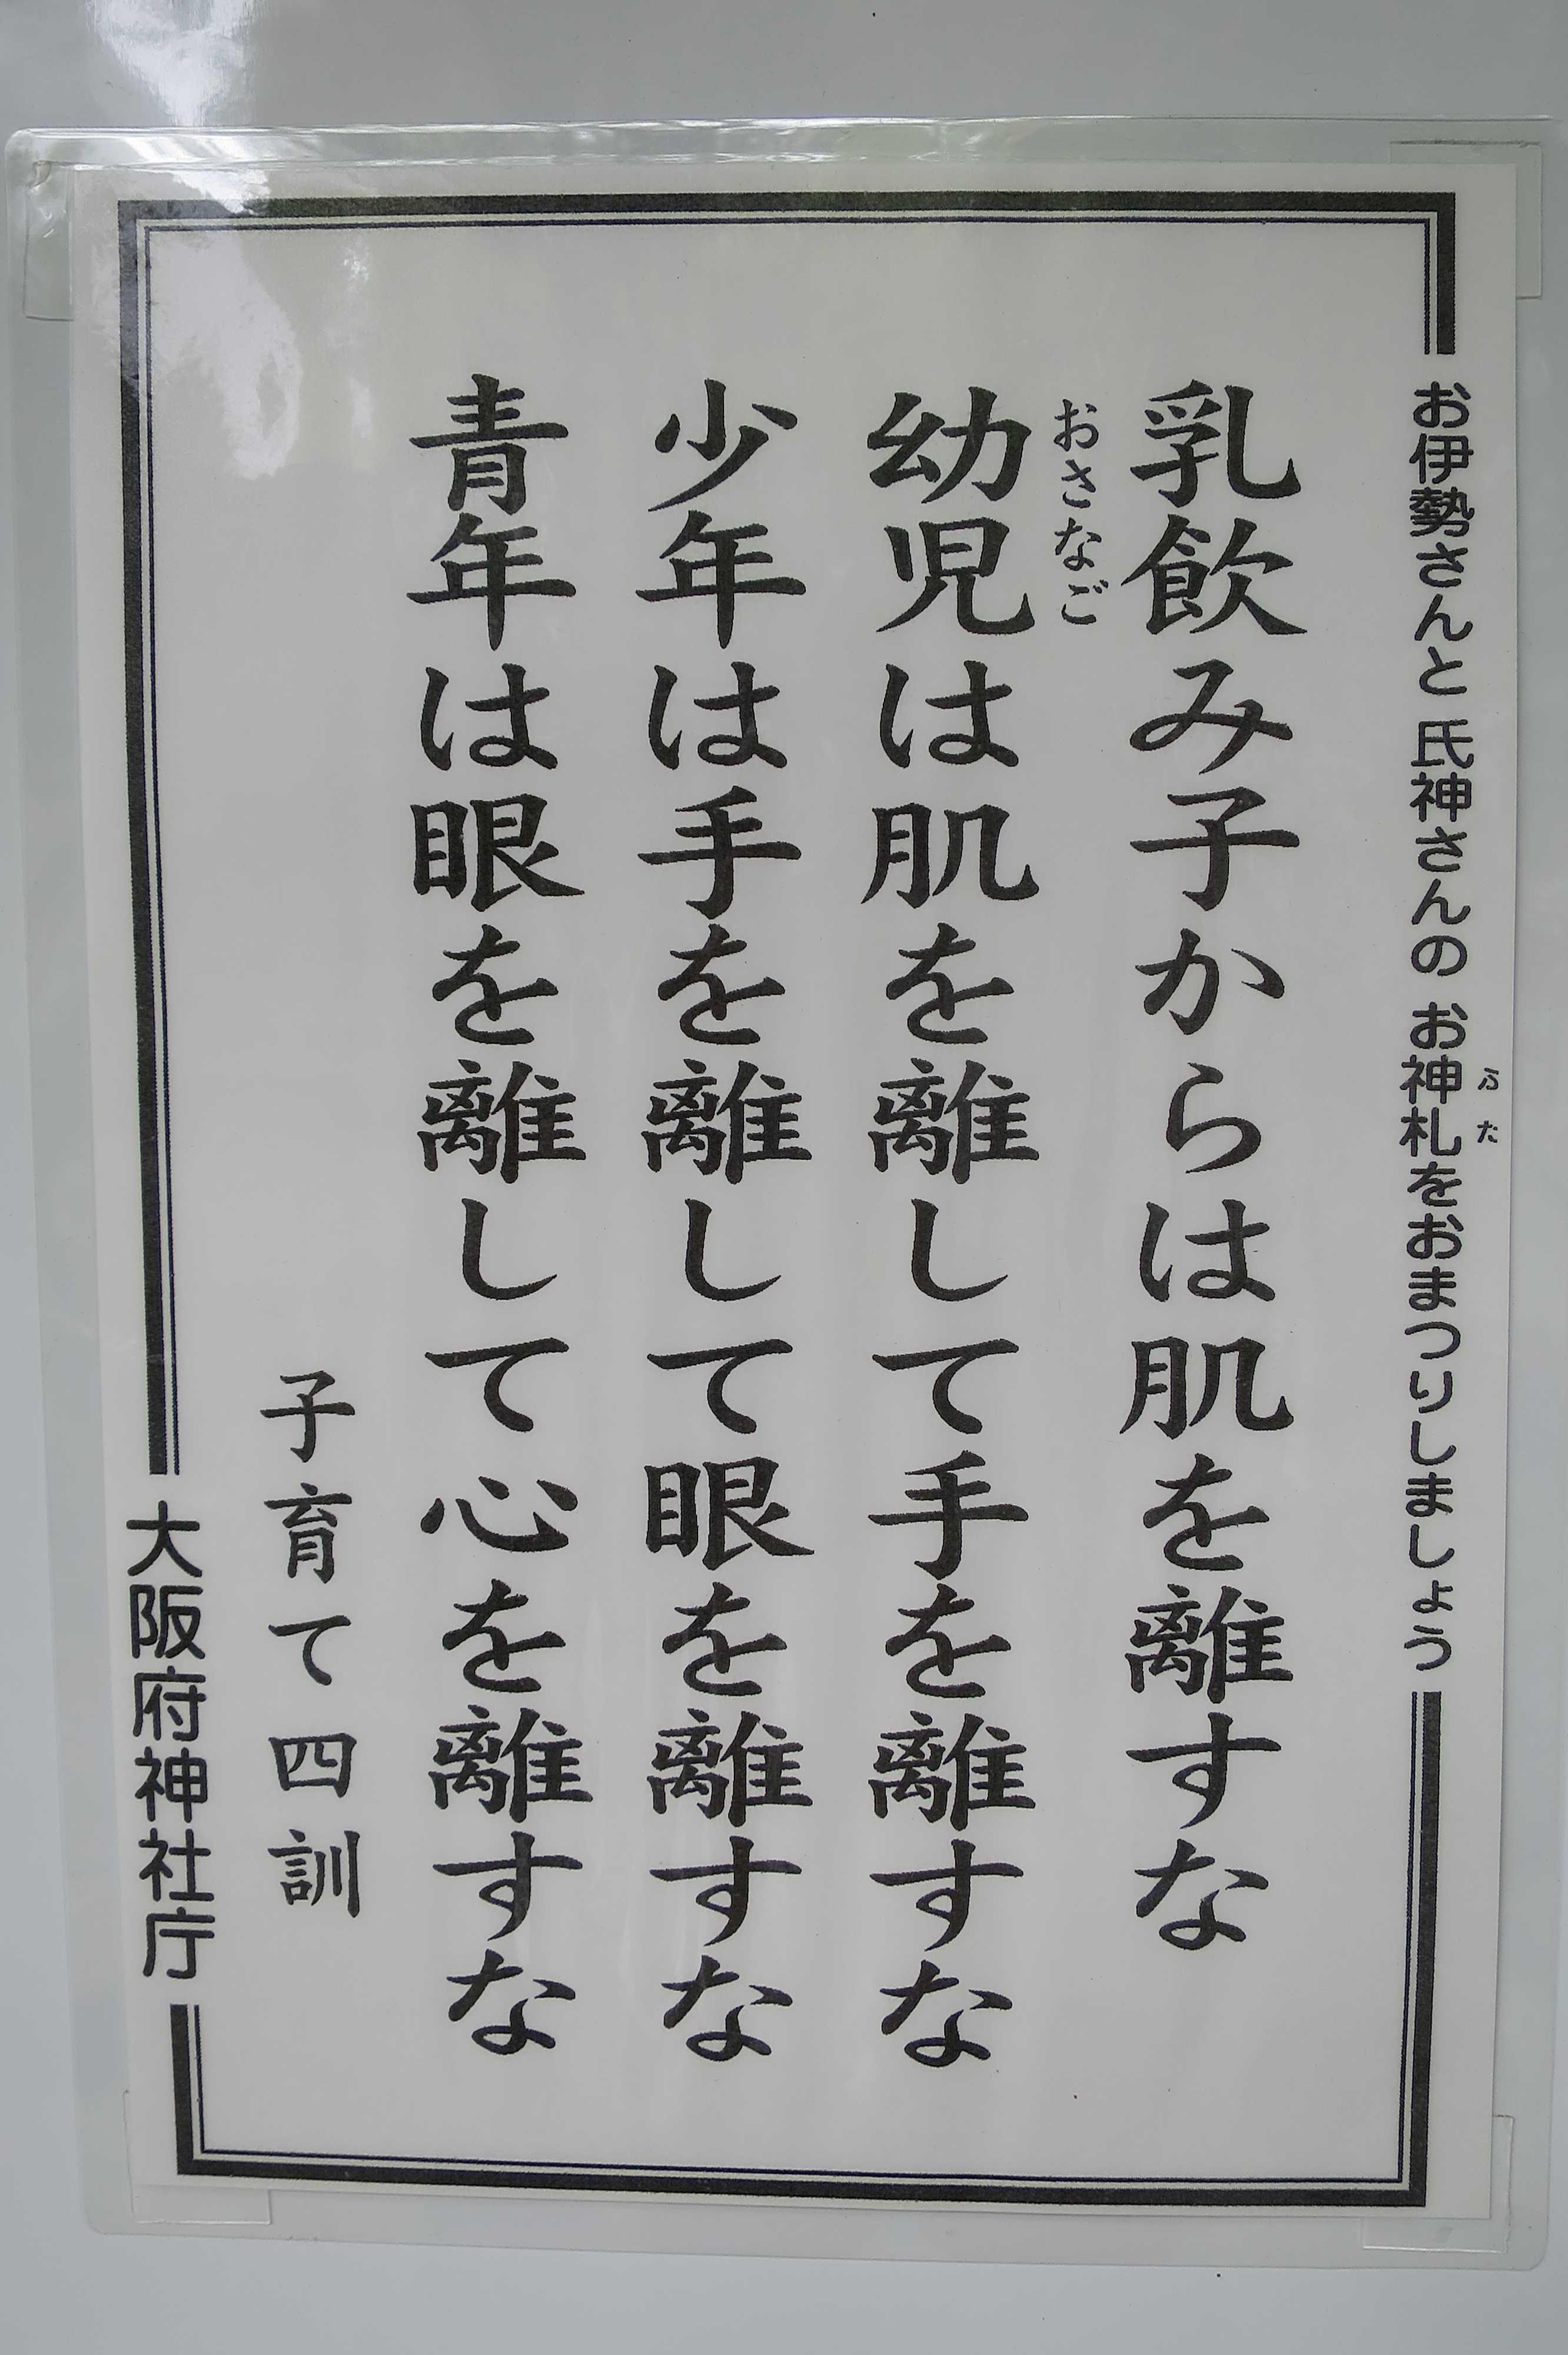 大阪府神社庁 子育て四訓